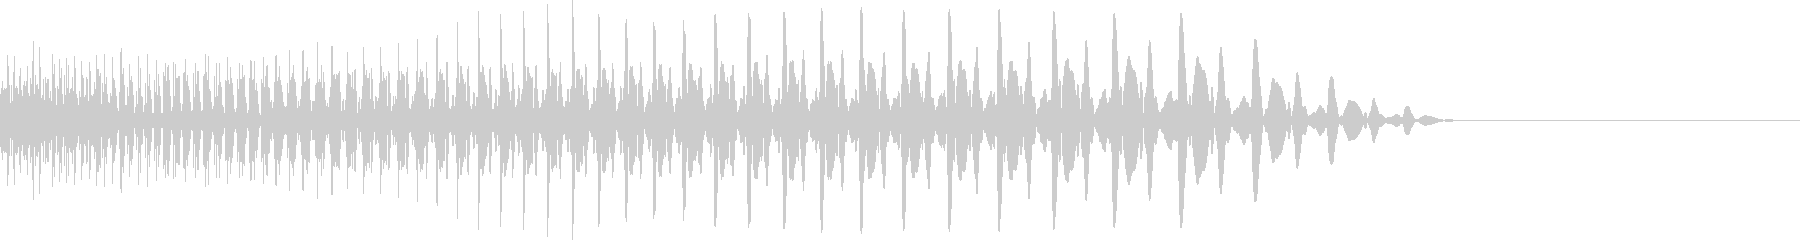 下降系の太いシンセ音の未再生の波形